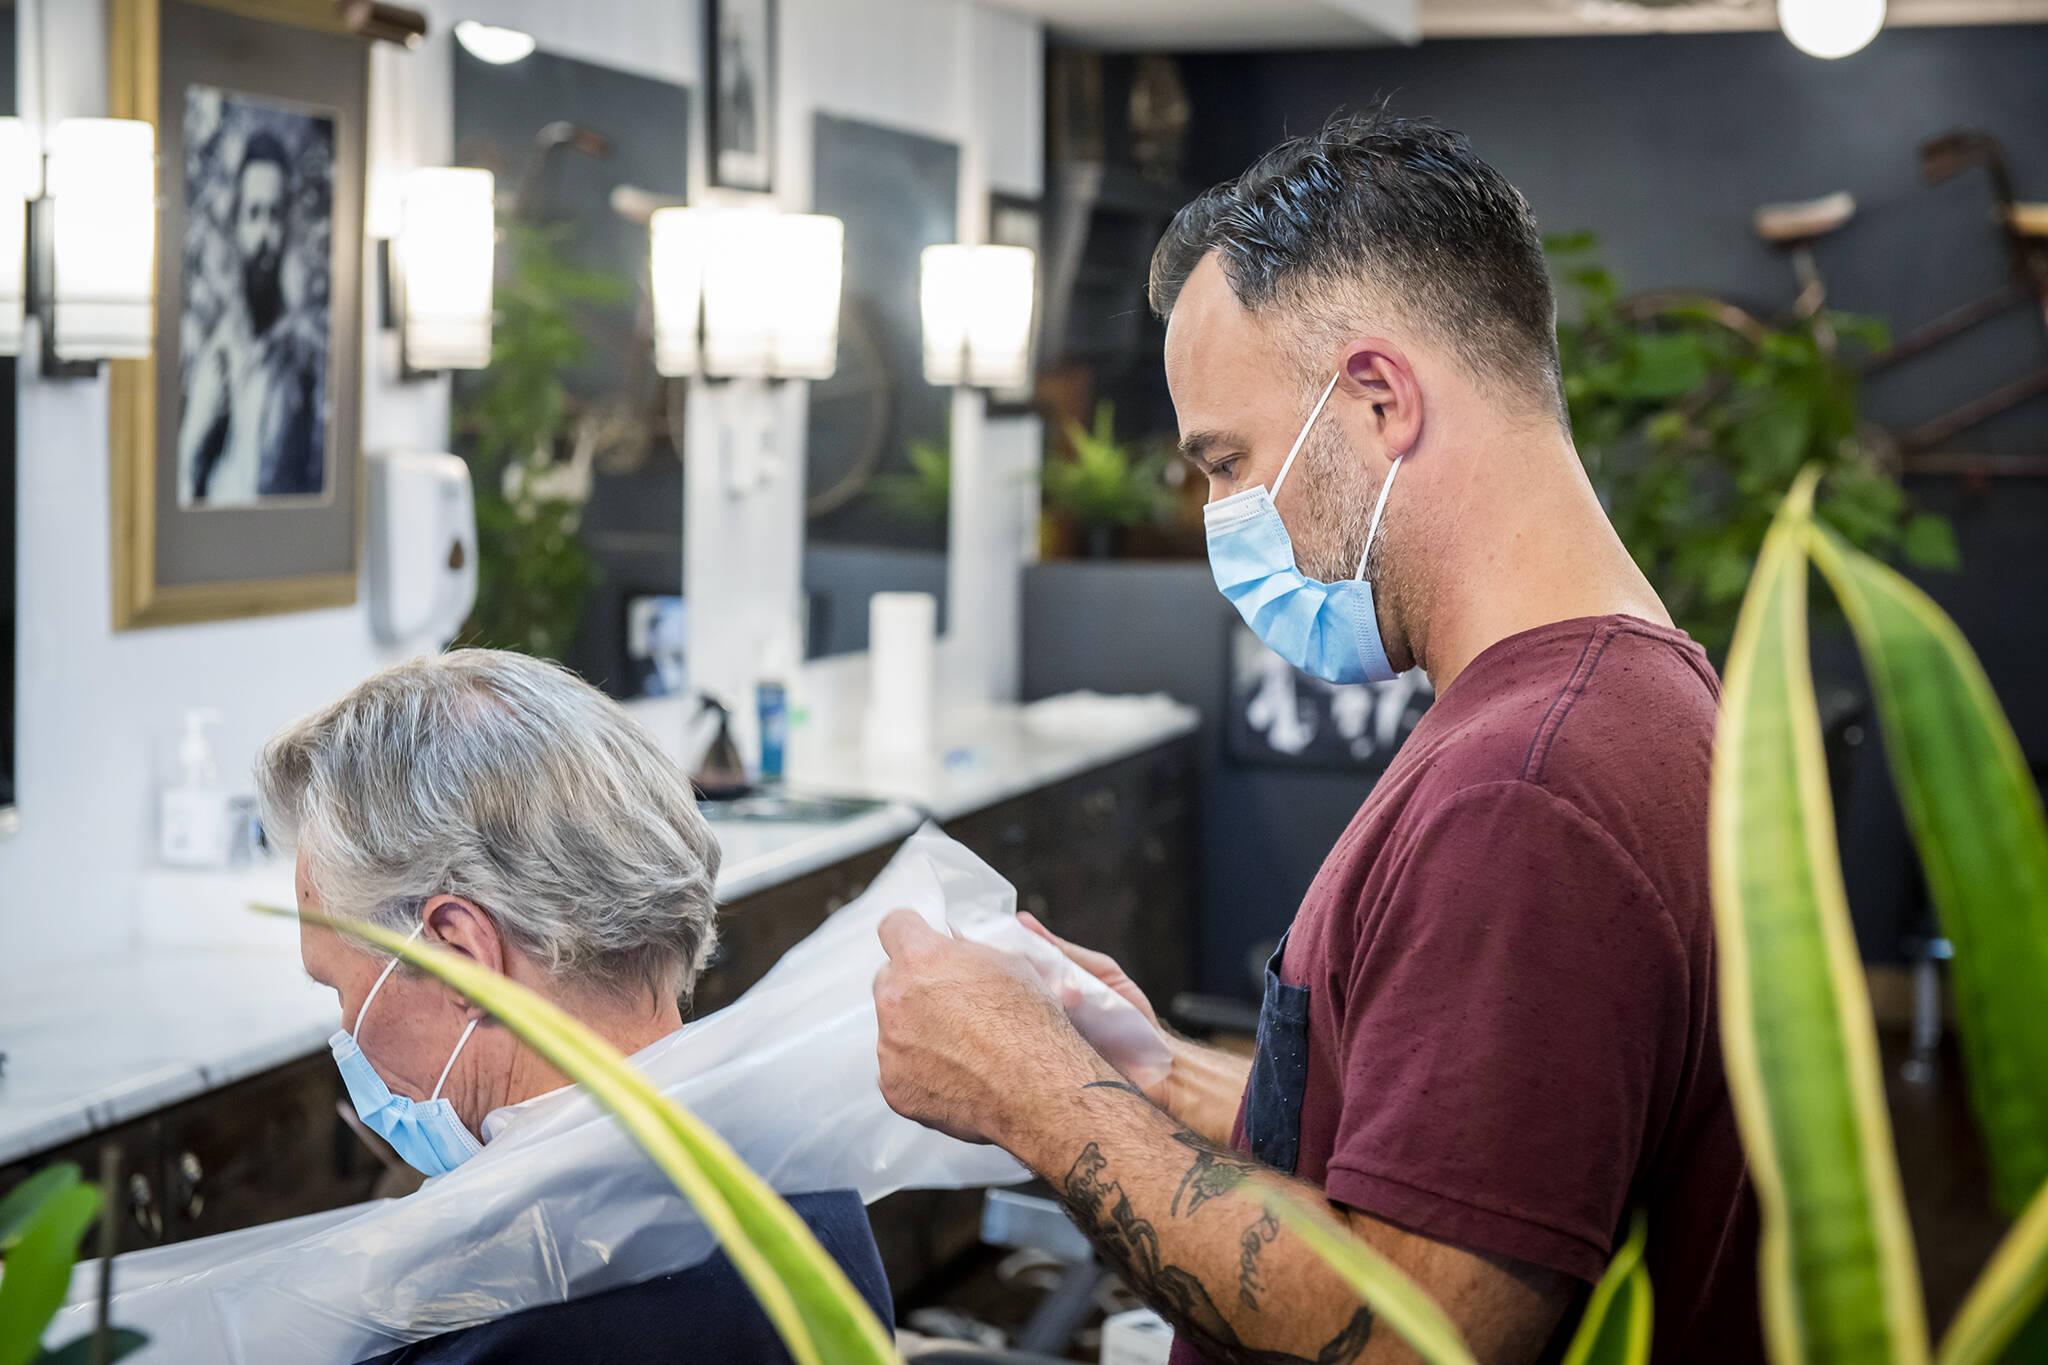 toronto hair salons reopening